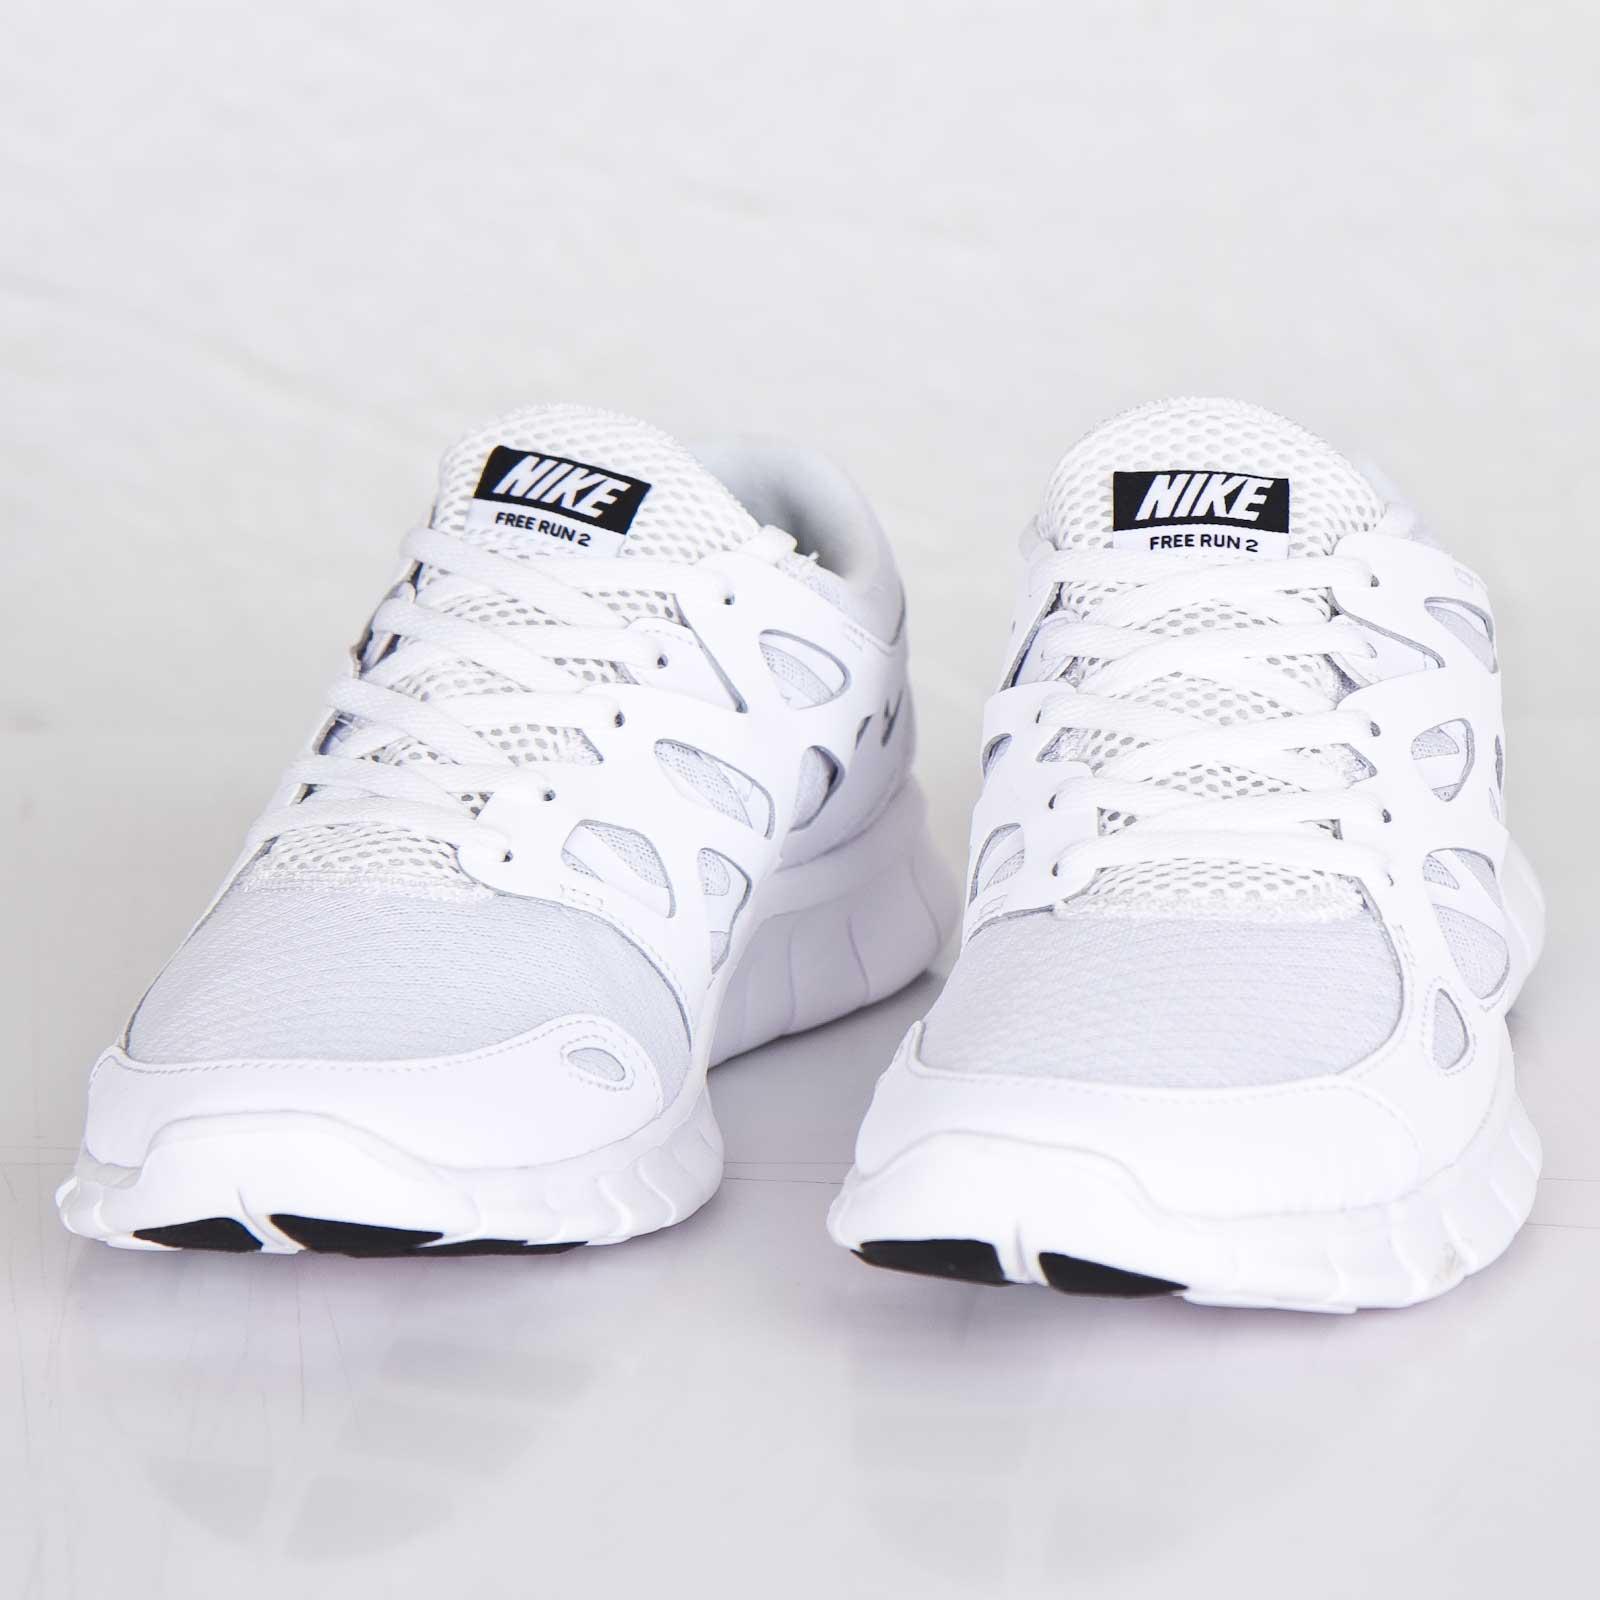 buy popular 665ab 9ce61 Nike Free Run 2 NSW Nike Free Run 2 NSW ...